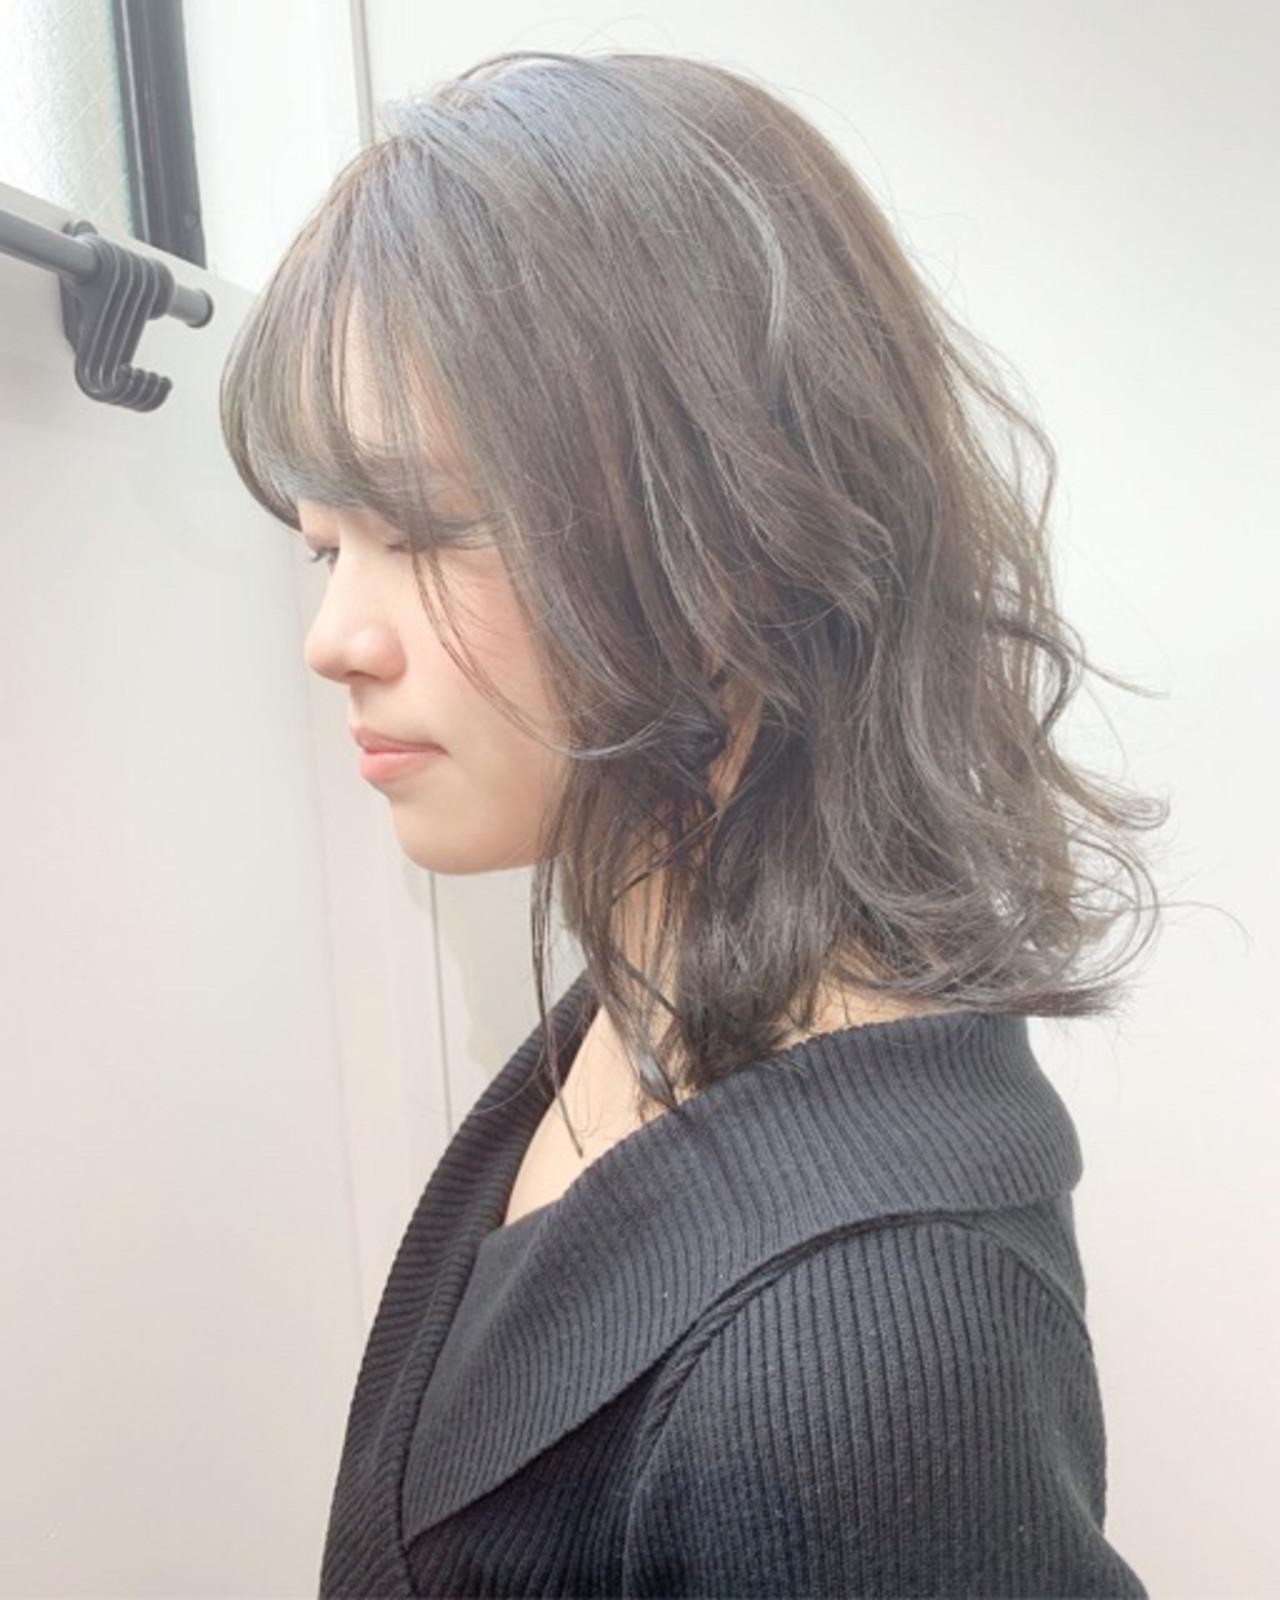 アッシュグレージュ ミルクティーベージュ アッシュグレー ナチュラル ヘアスタイルや髪型の写真・画像 | COM PASS タイチ / COM PASS